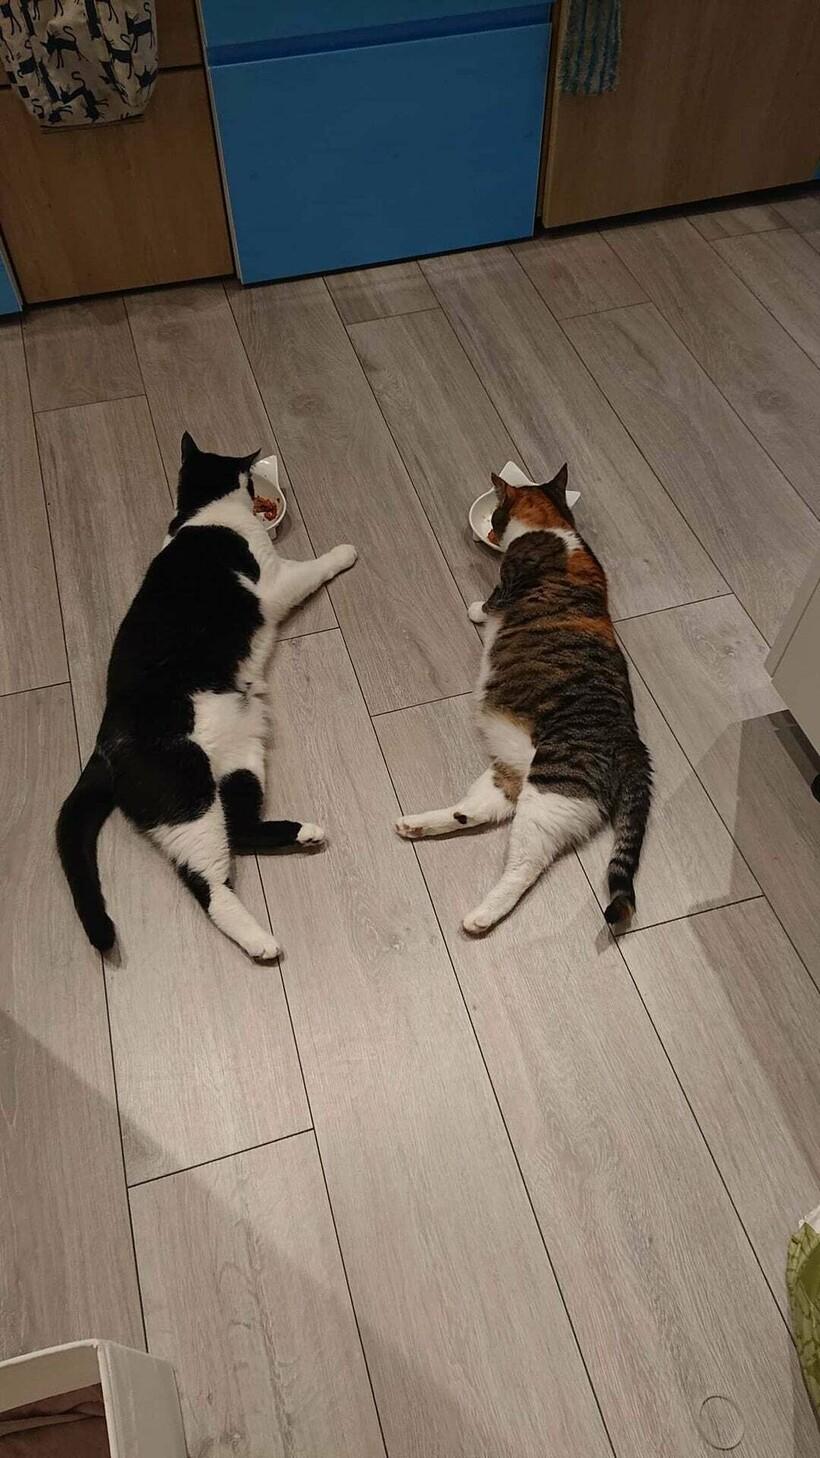 18 уморительных фото, которые доказывают, что 2 кошки лучше, чем одна